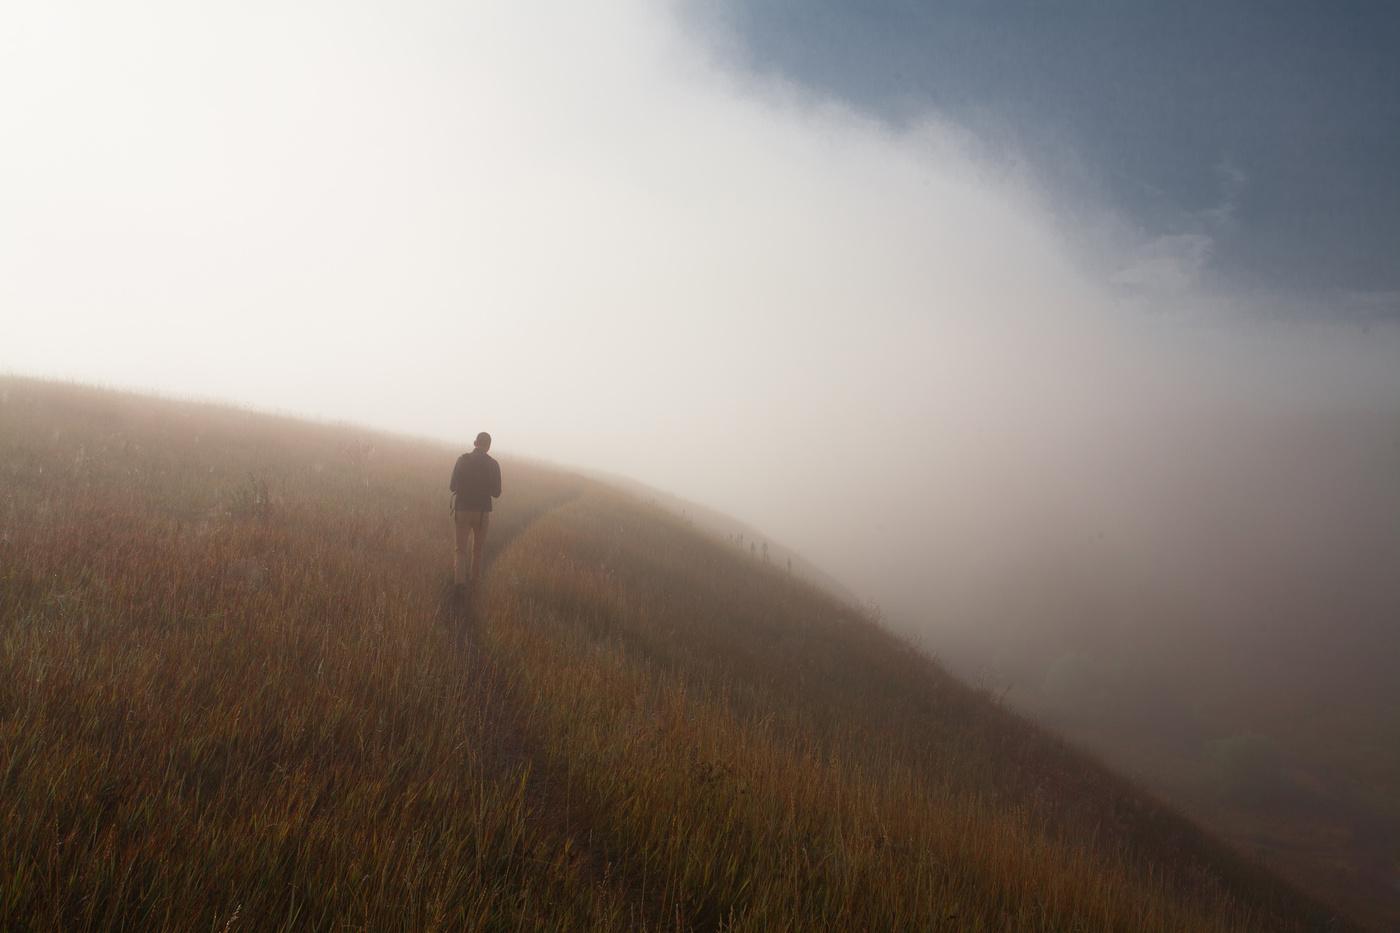 более, что советы для фото в тумане увеличиваем амплитуду